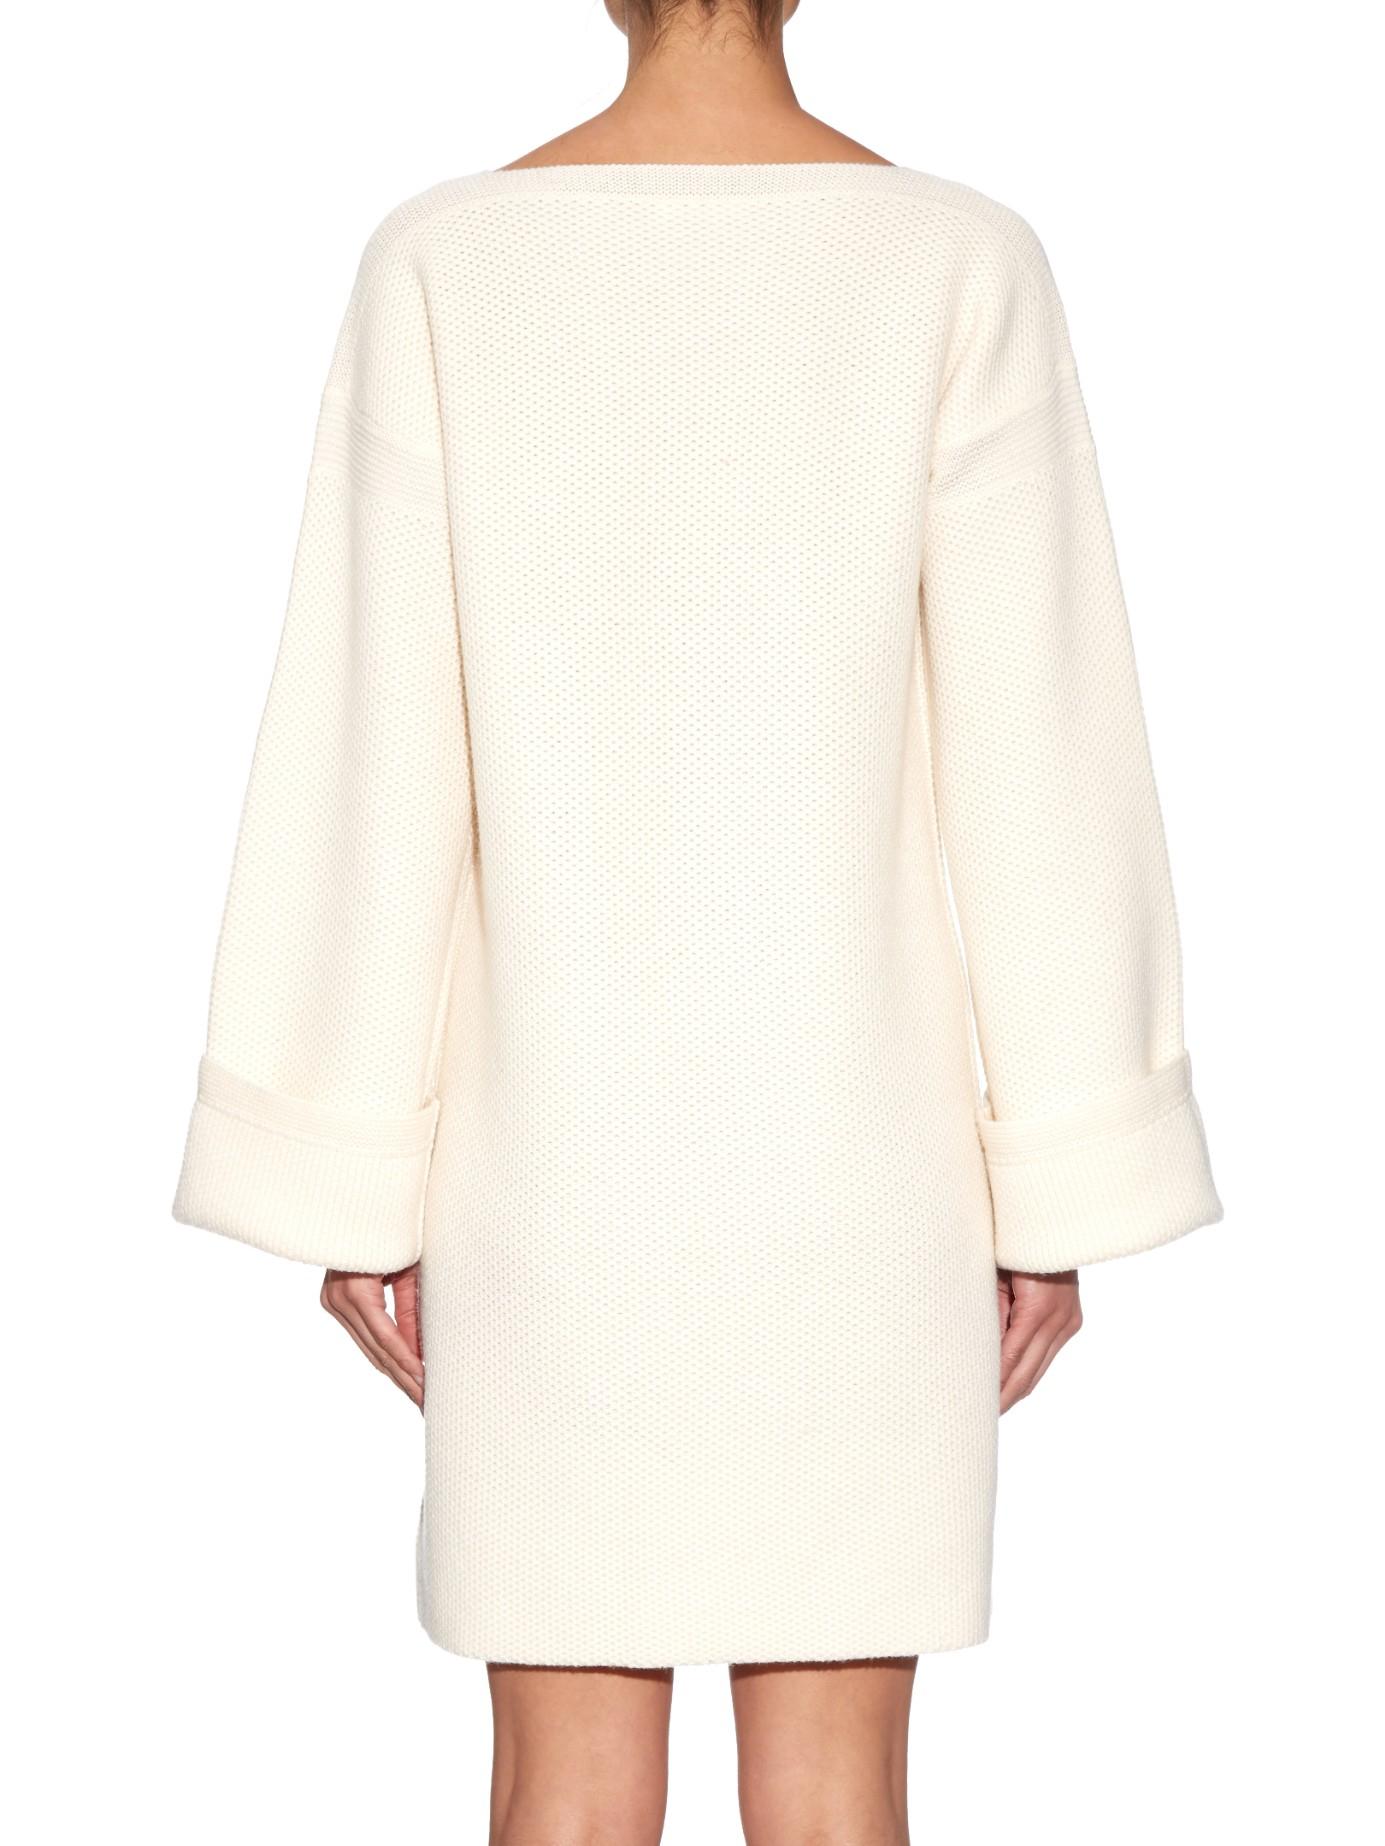 Wool Knit White Sleeve By Wide See Dress Chloé In Mini Lyst Z7xqI